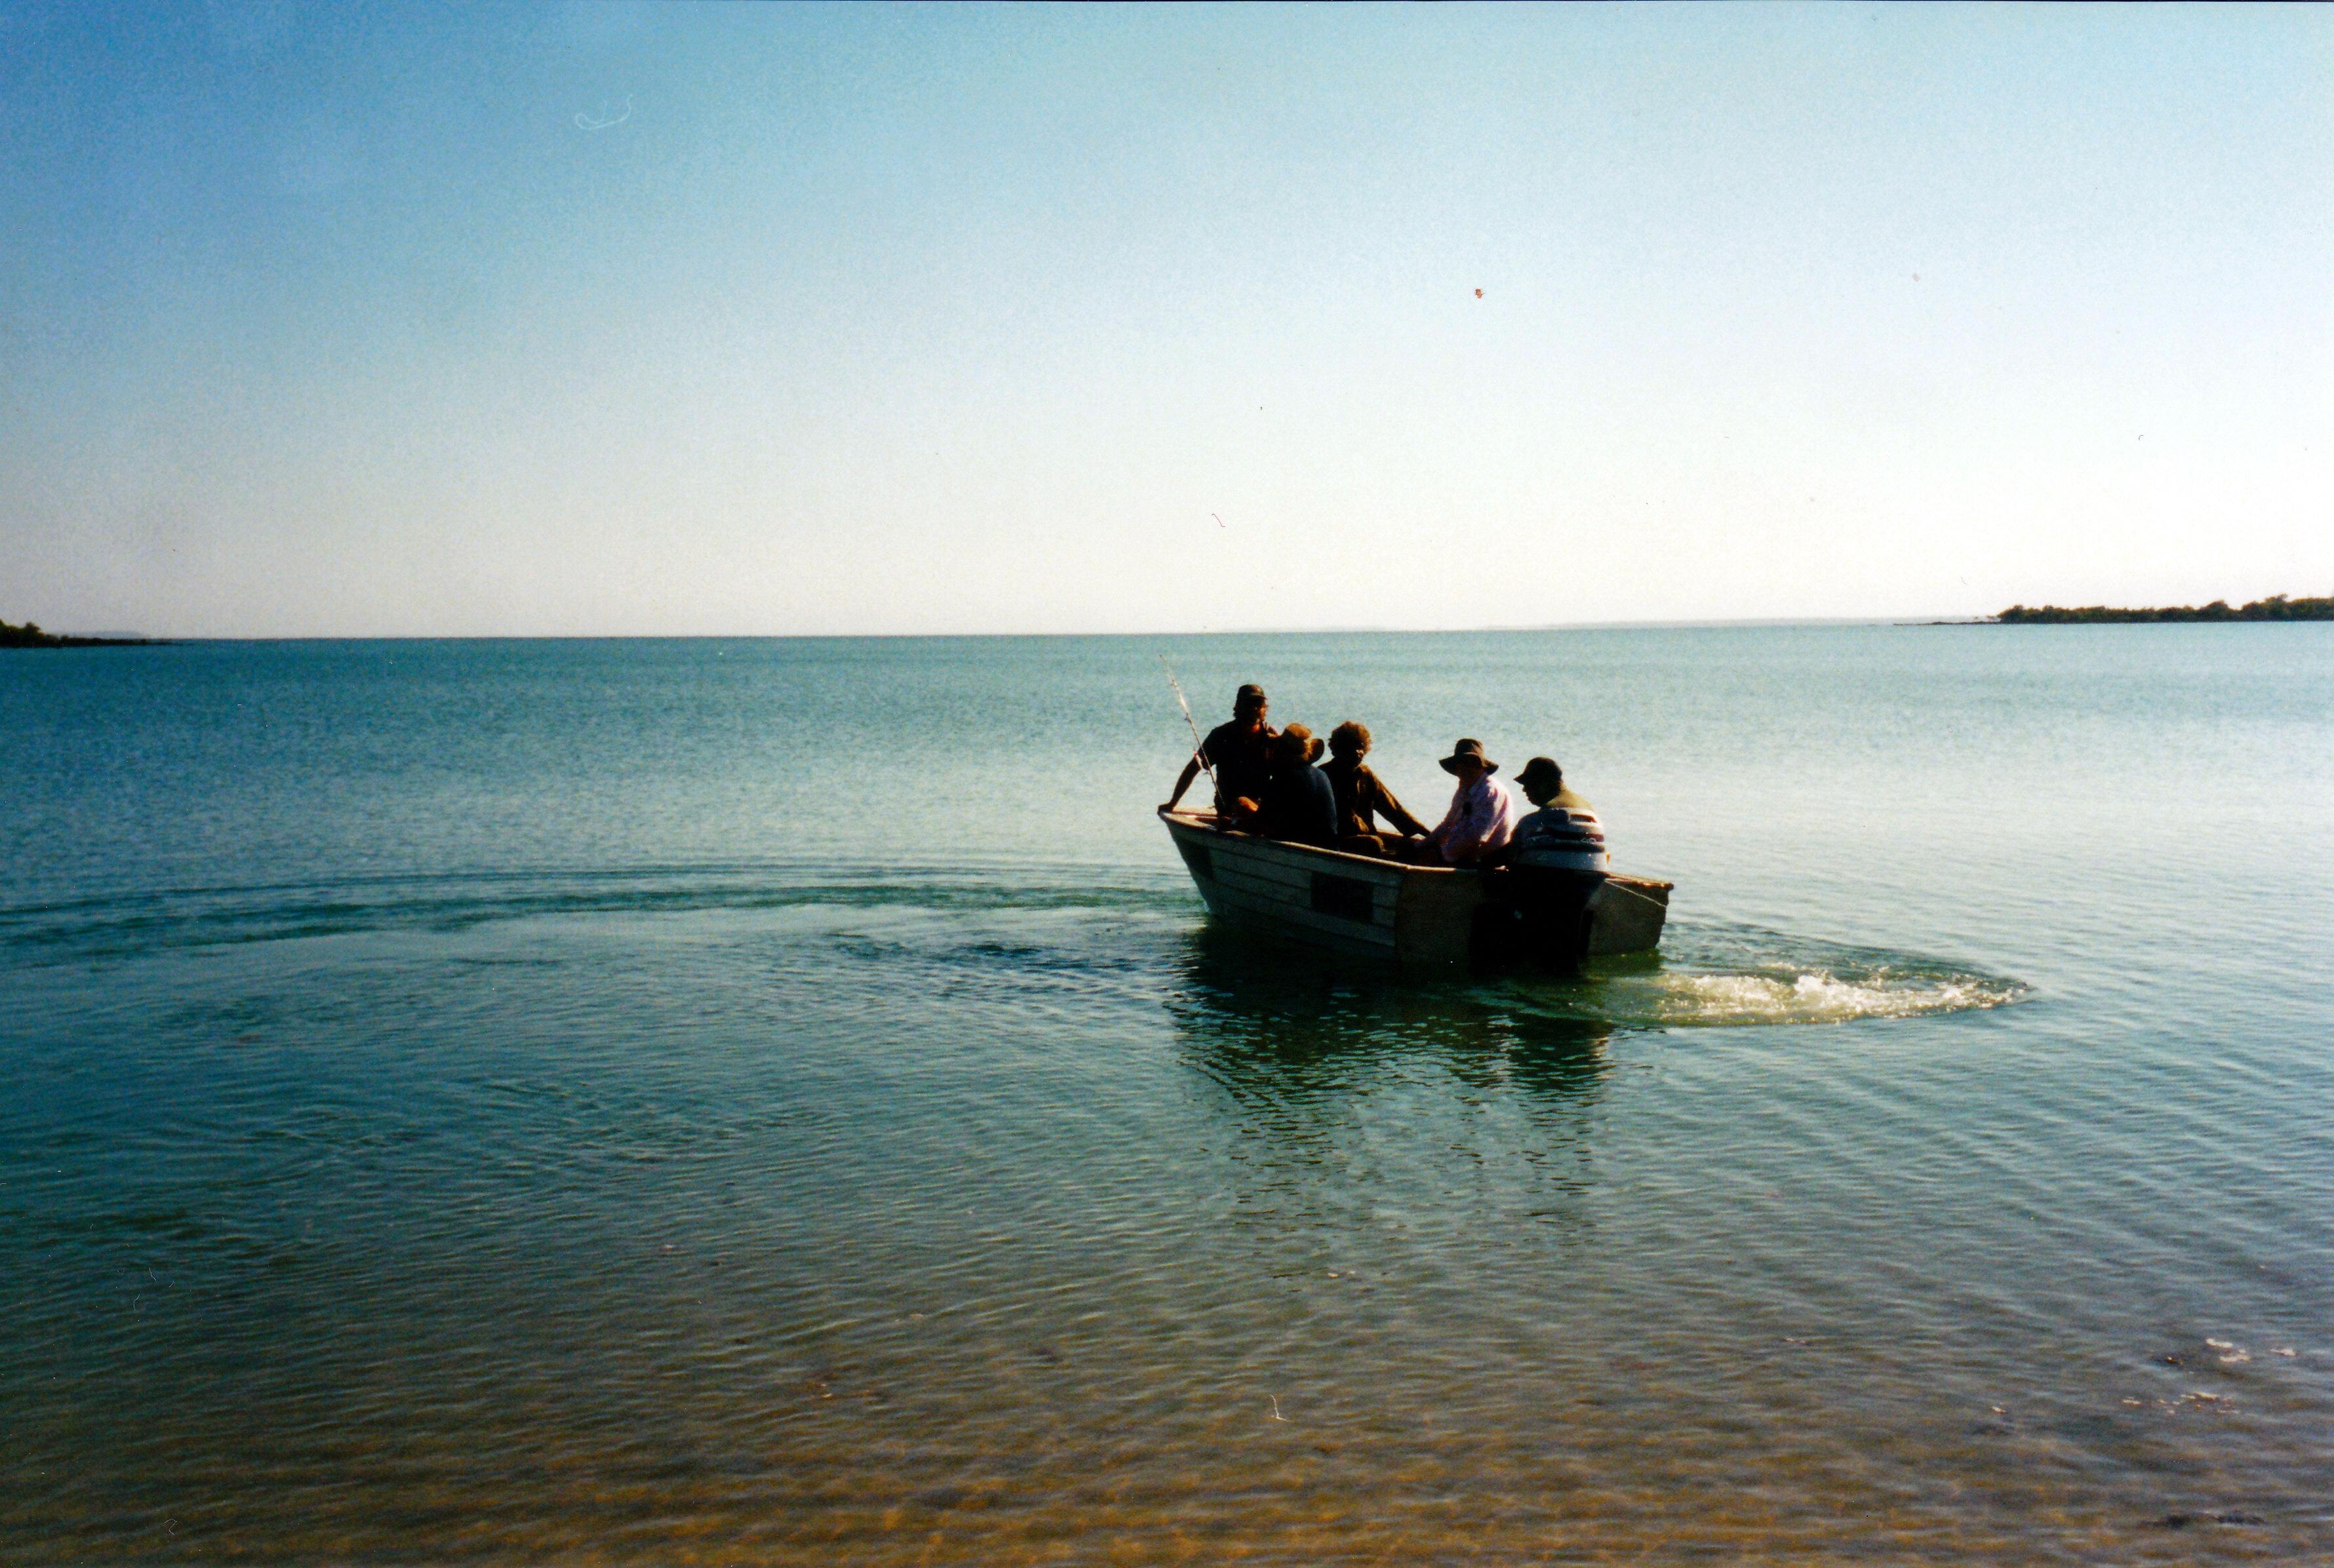 07-24-2000 02 fishing trip.jpg